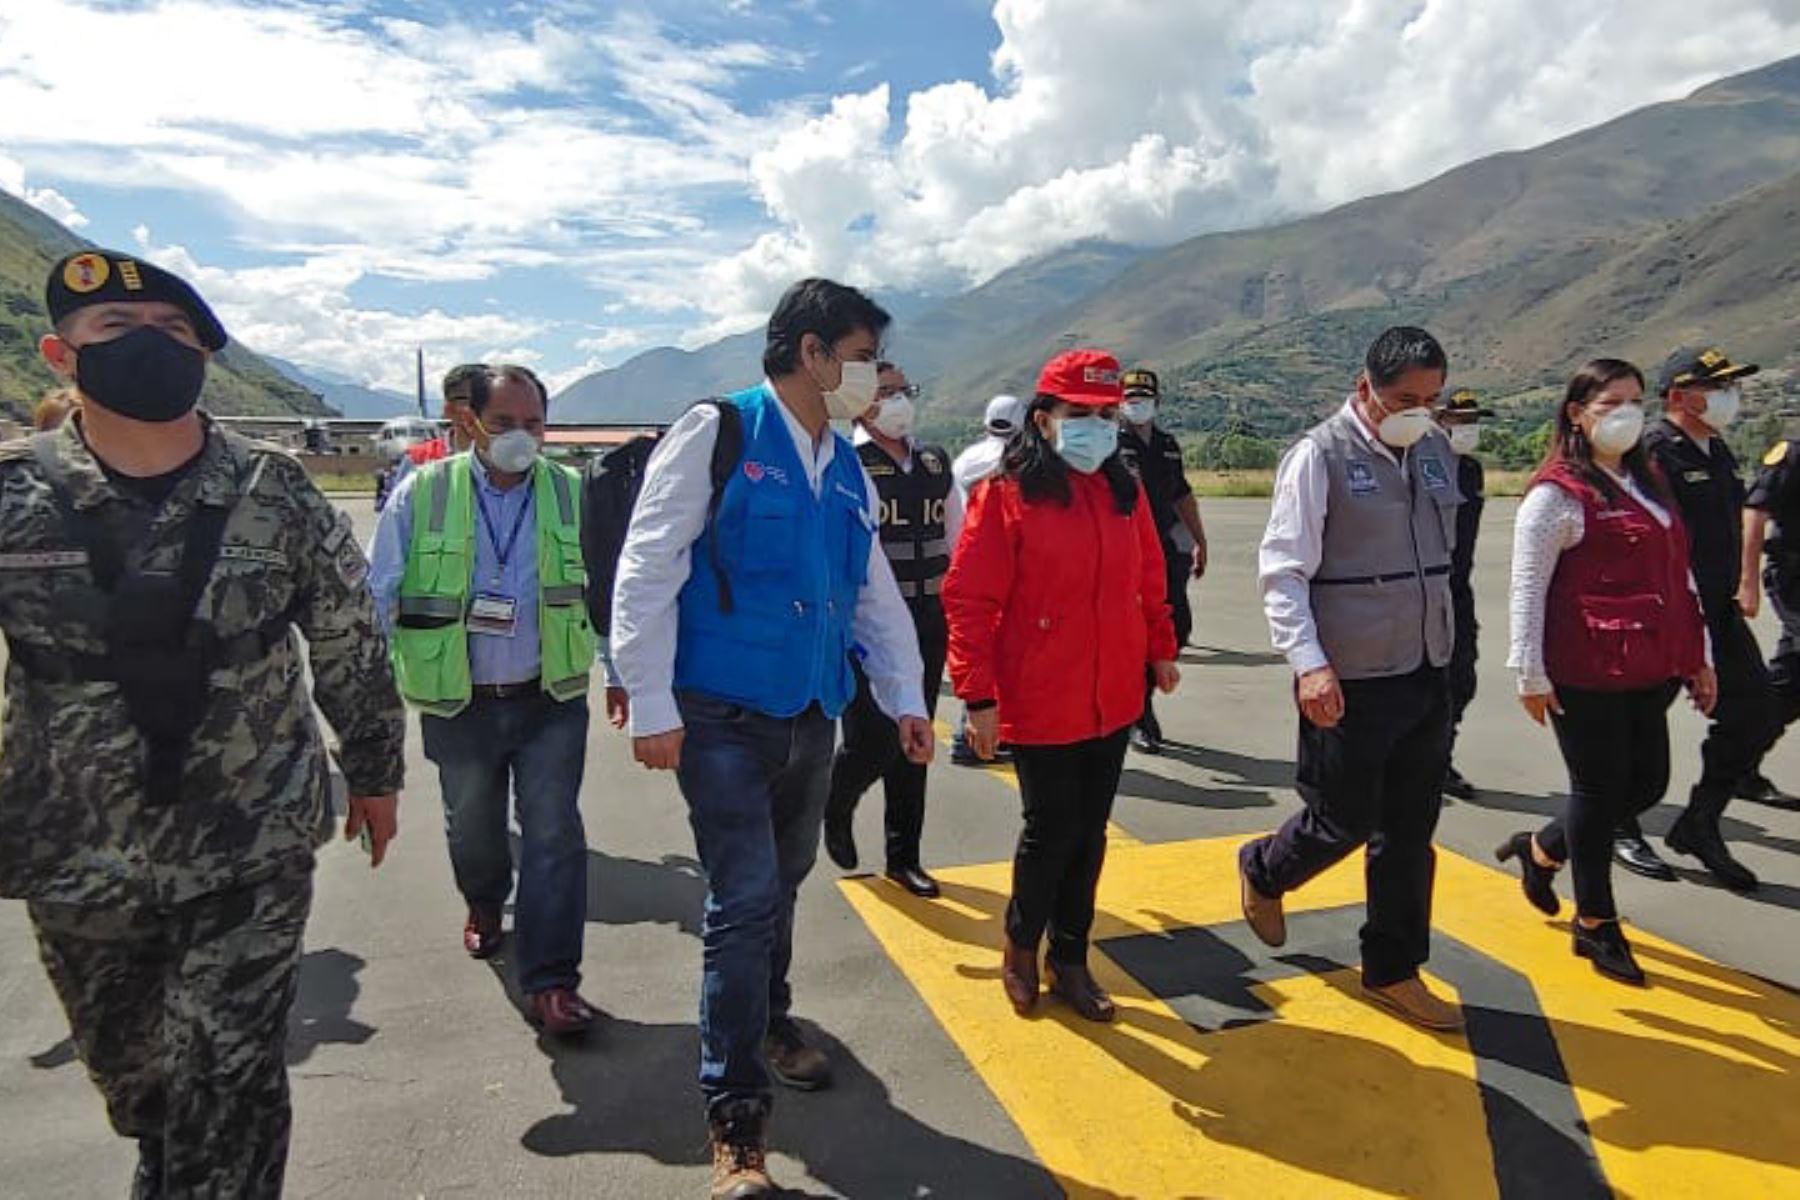 Ministra Gloria Montenegro y equipo multidisciplinario del Minsa y EsSalud llegan a Huánuco llevando equipos médicos e implementos de seguridad para hacer frente al coronavirus. Foto: ANDINA/EsSalud